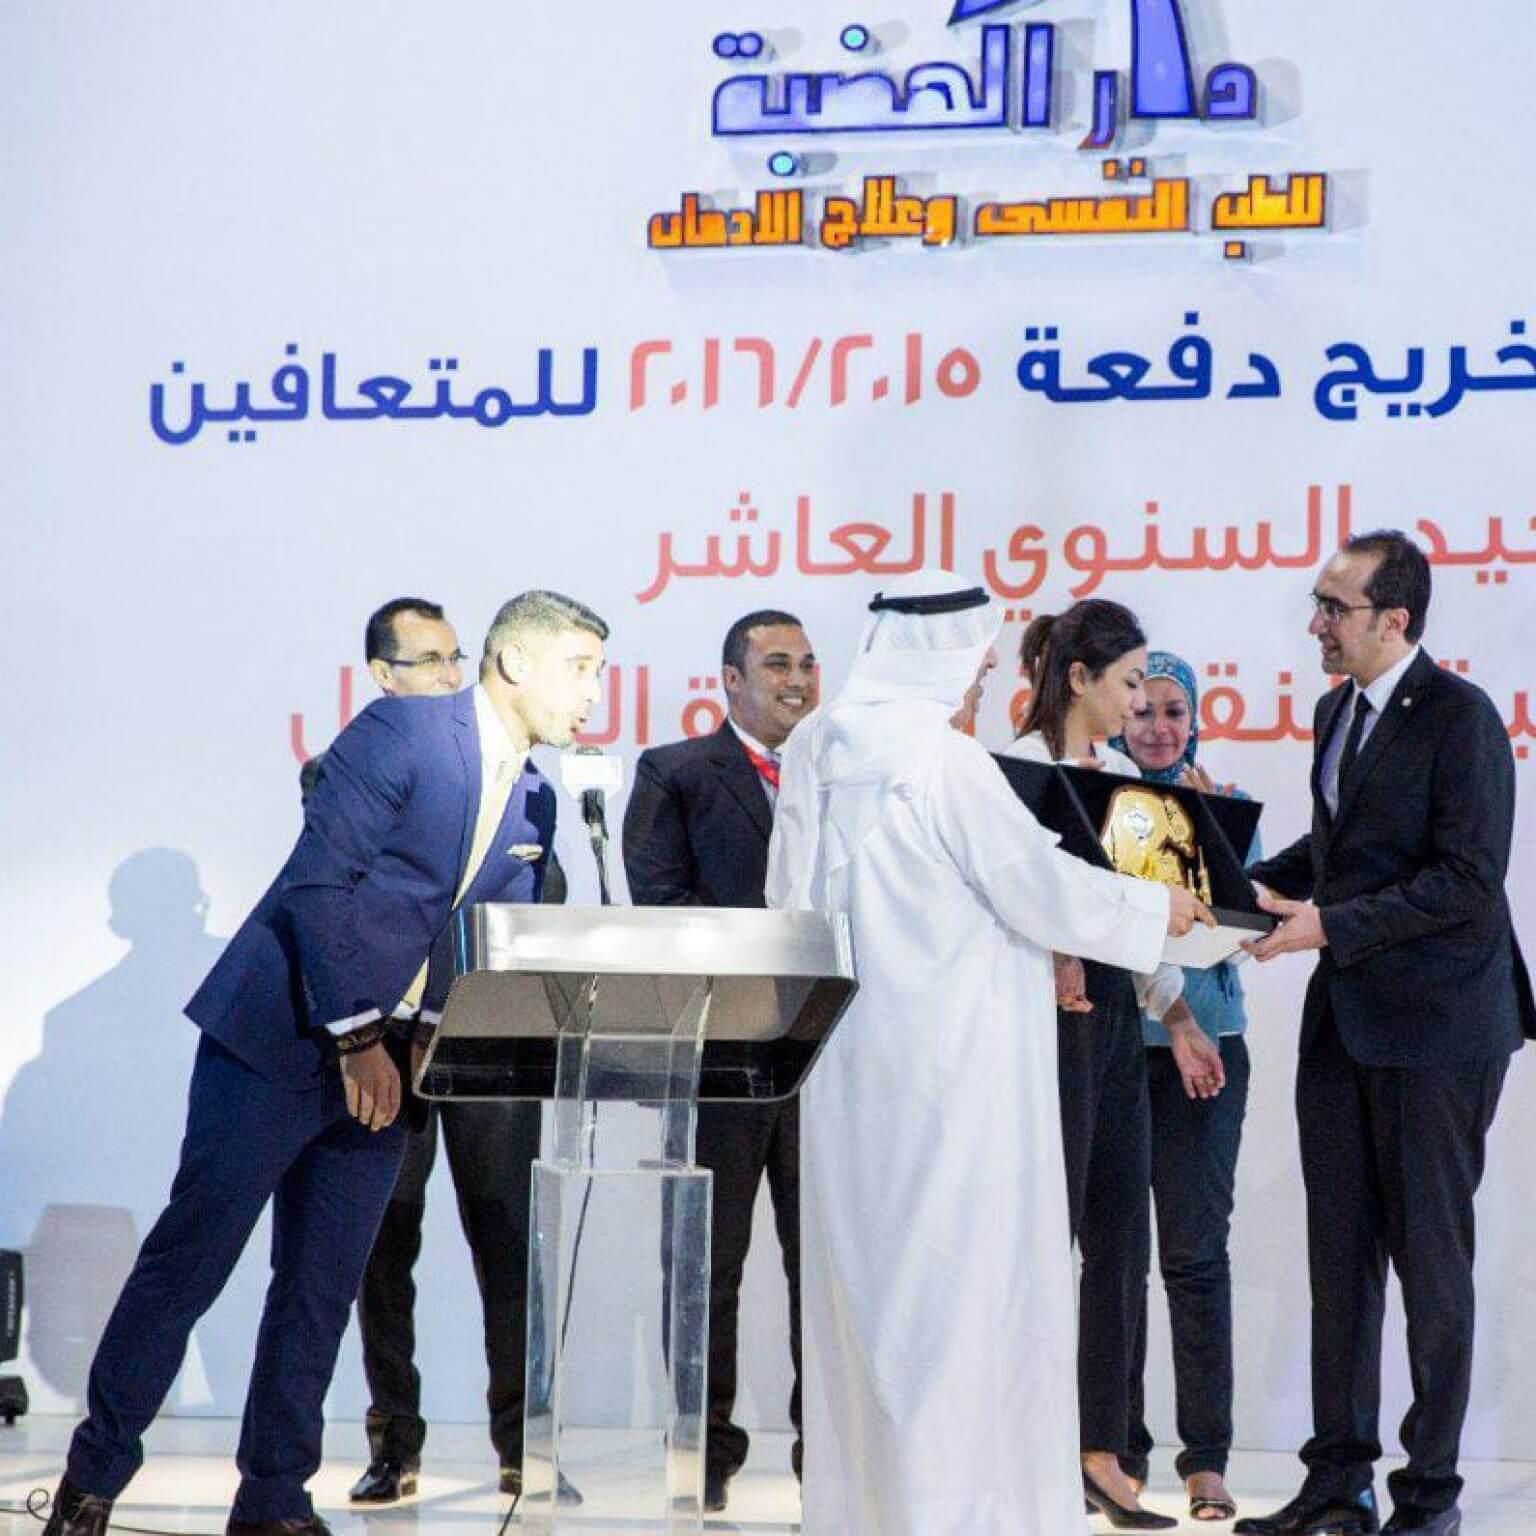 حفلة تكريم الهضبة أفضل مستشفيات علاج الادمان بمصر